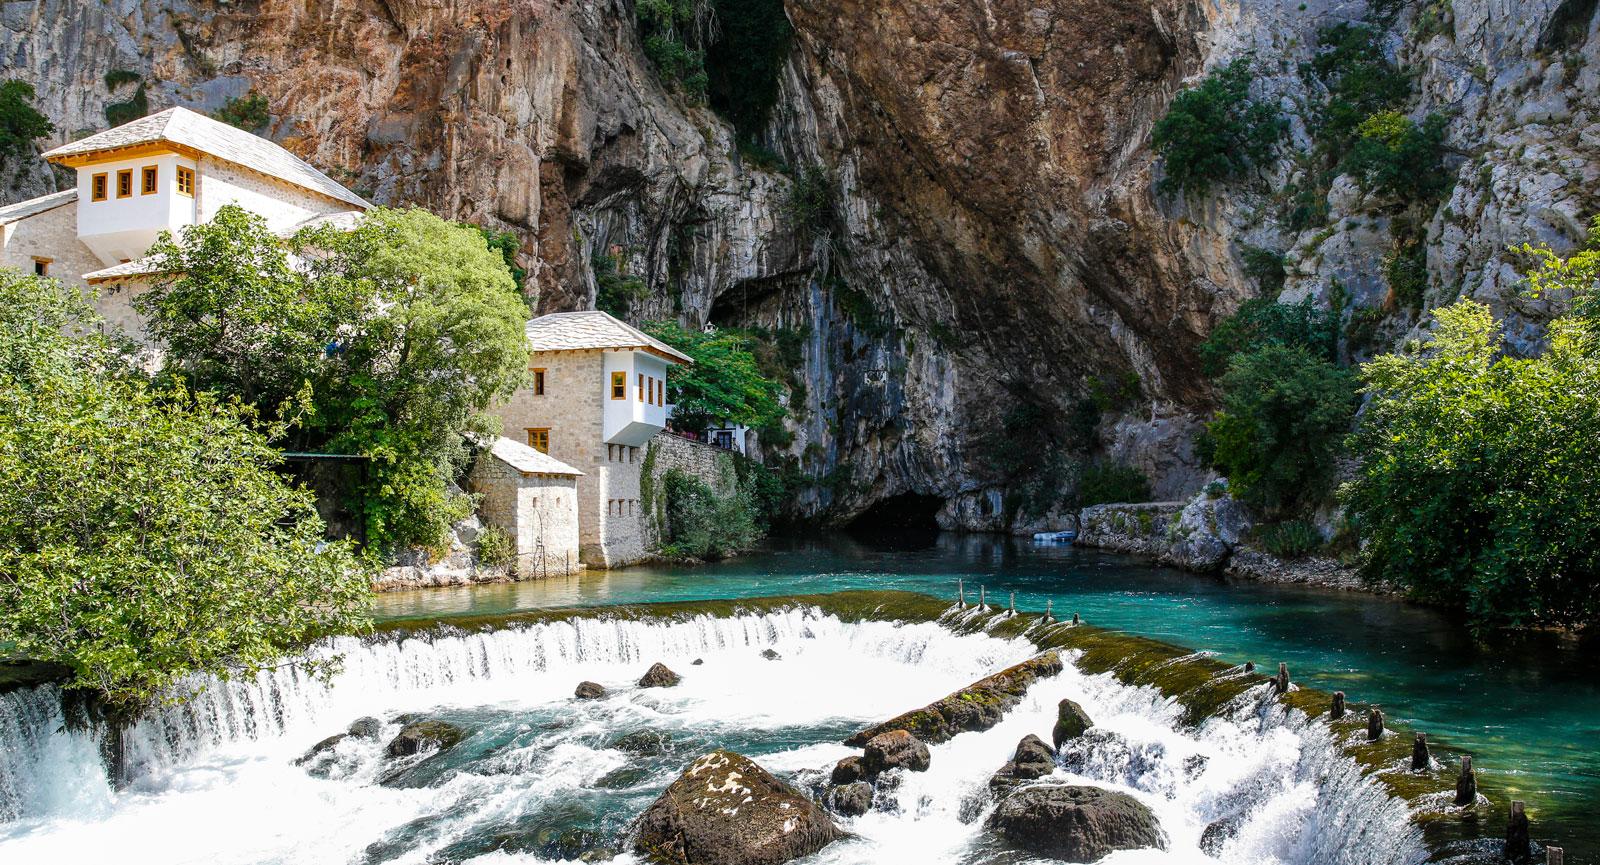 Blagaj och floden Bunas källa, omkring 12 km sydost om Mostar.